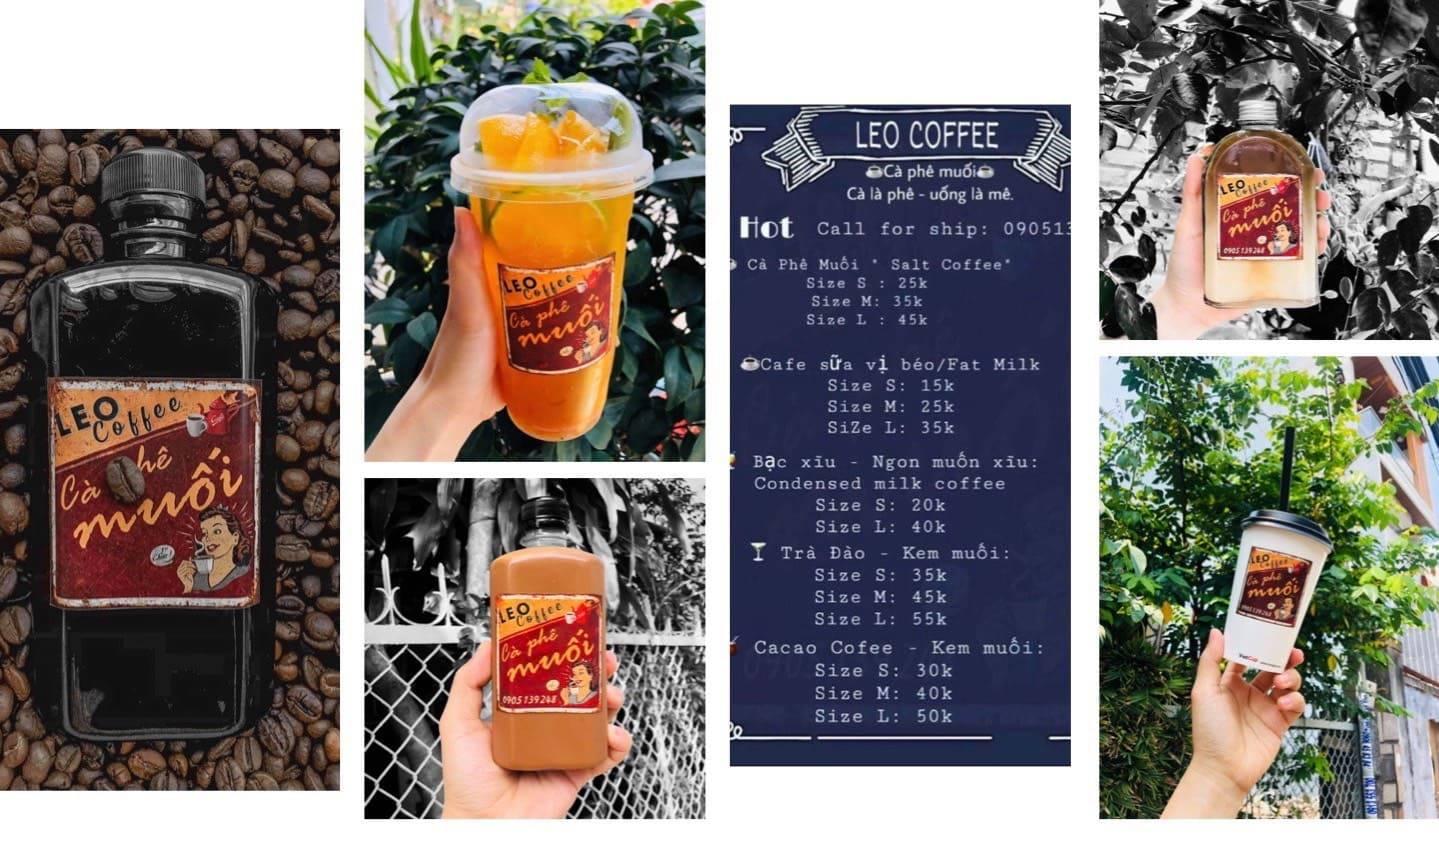 Cô nàng xứ Quảng lấn sang sân kinh doanh mới: Cà phê muối Leo 14